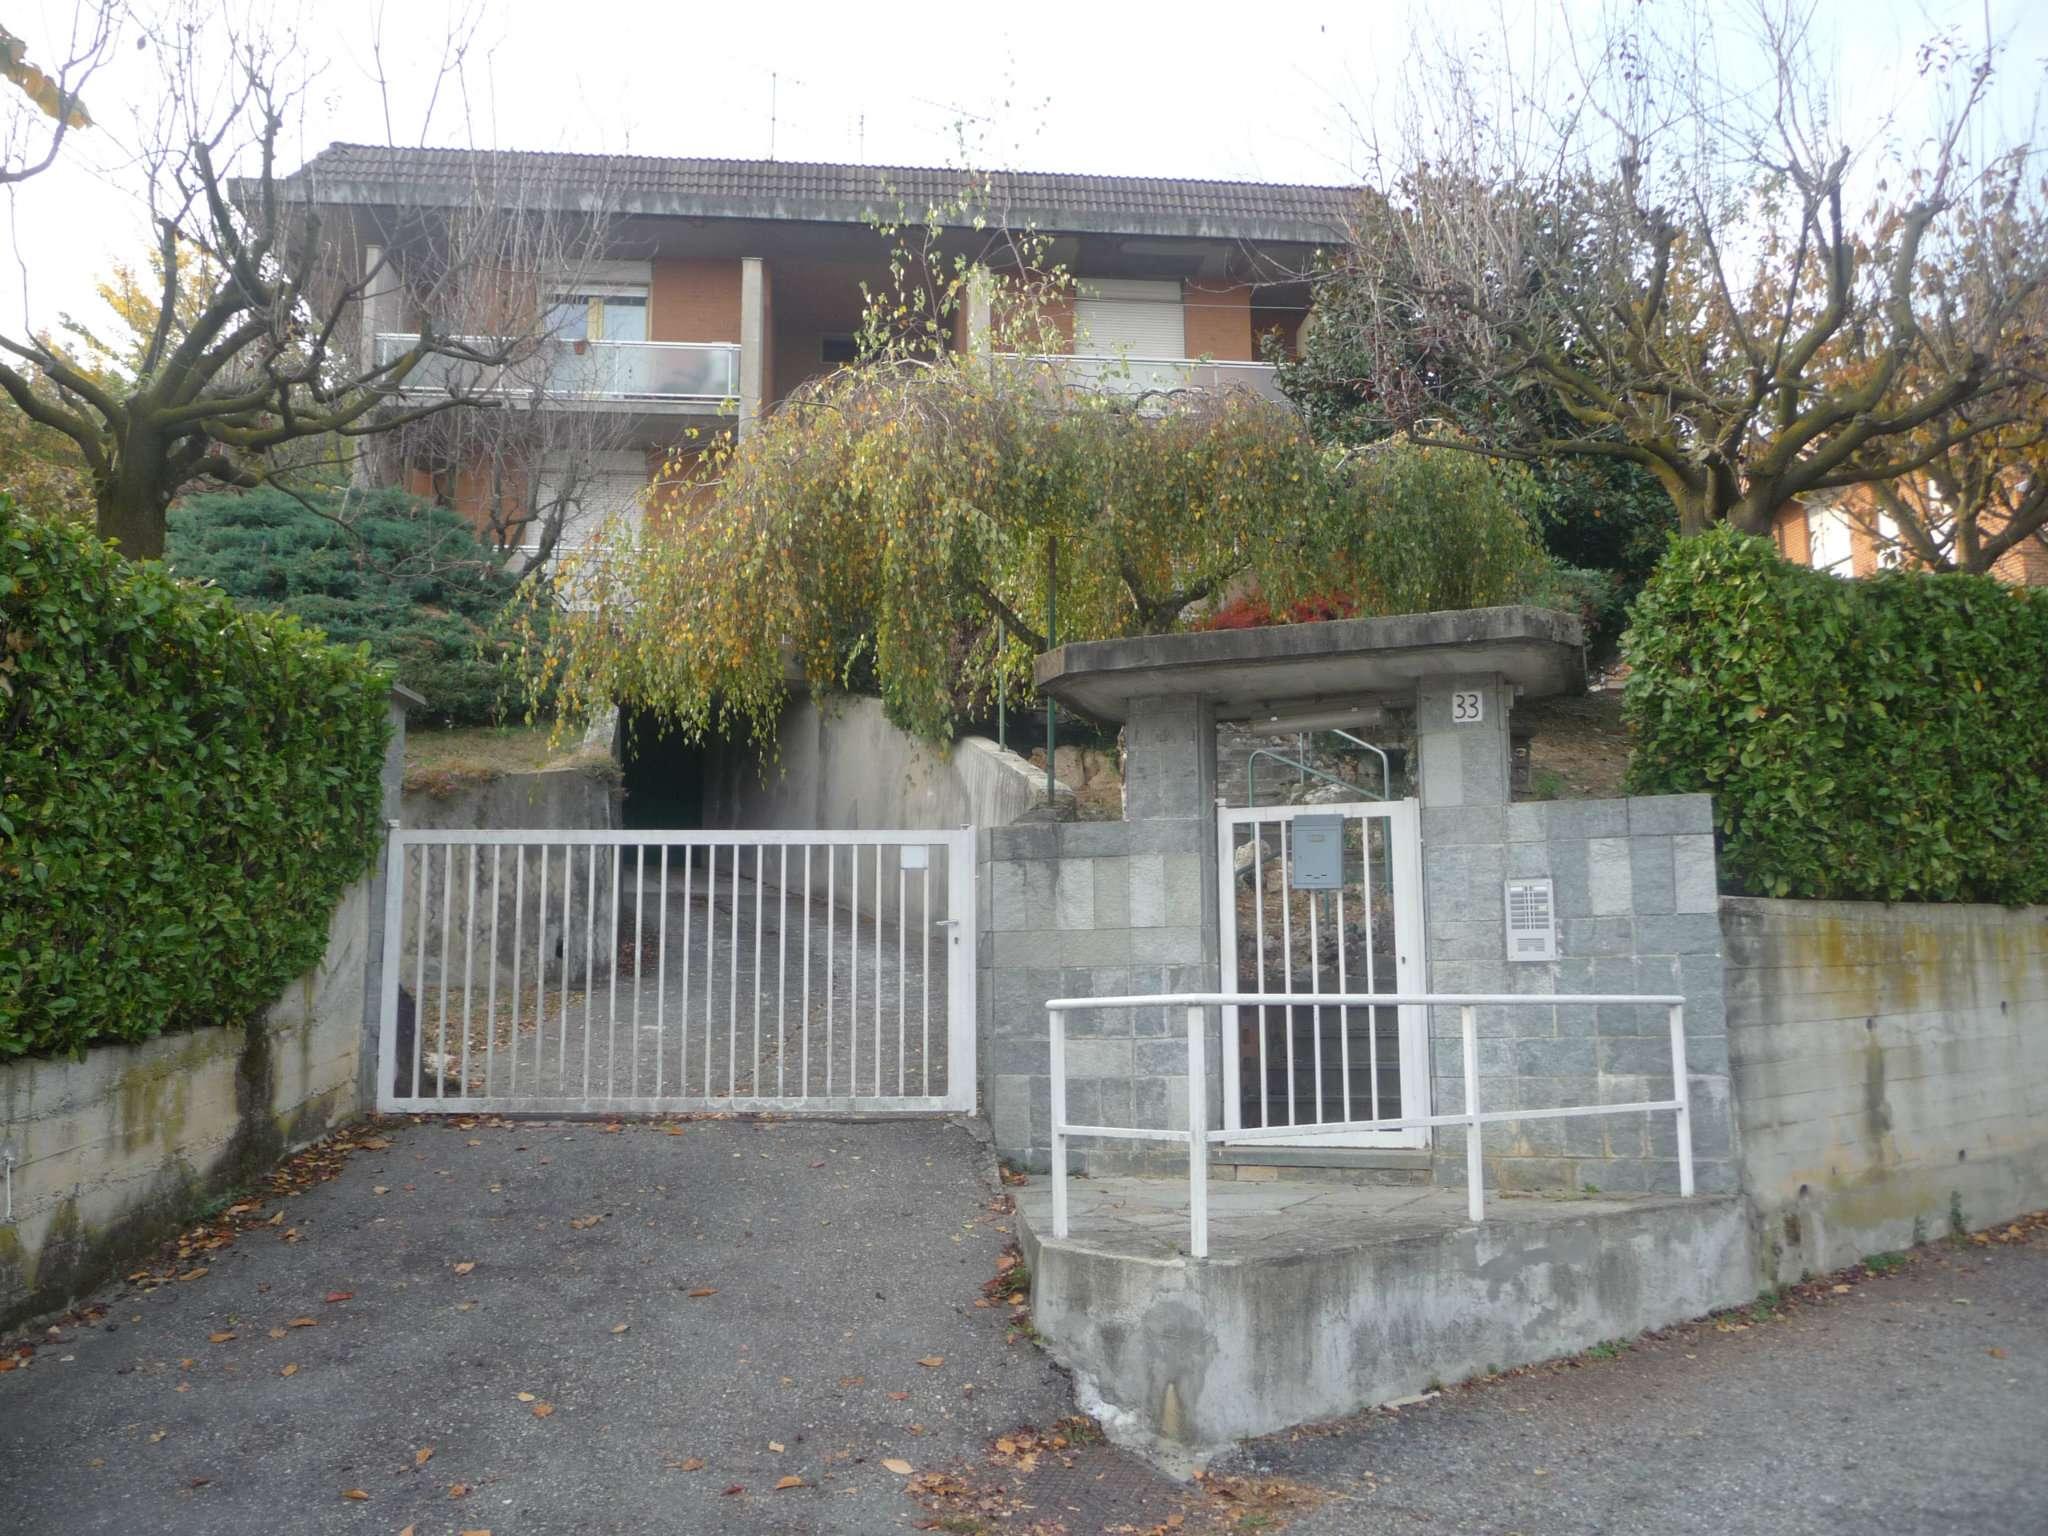 Appartamento in vendita a Rubiana, 2 locali, prezzo € 35.000 | CambioCasa.it